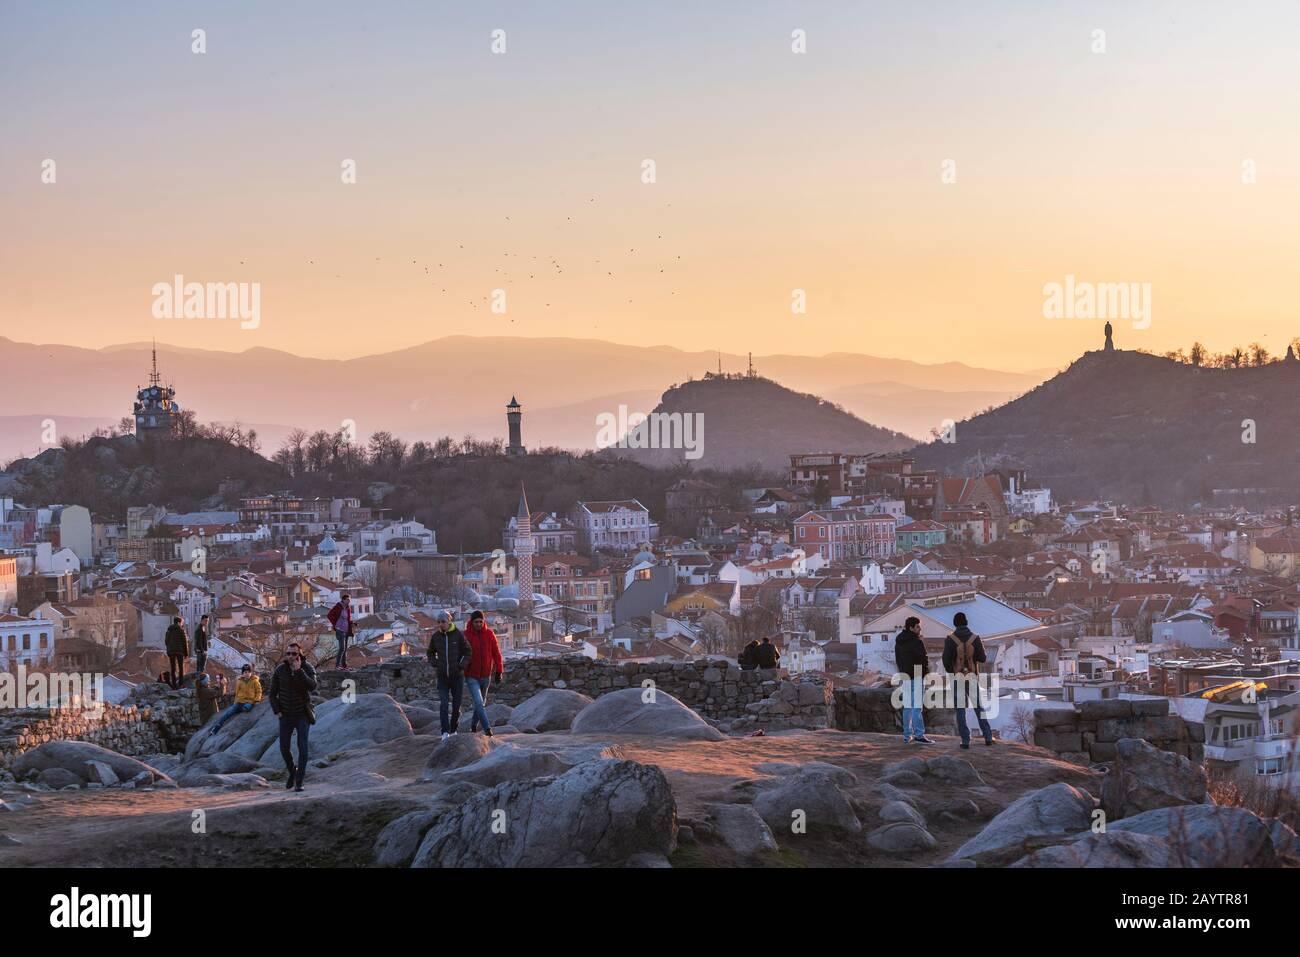 Gente viendo la puesta de sol desde la colina de Nebet tepe en la ciudad de Plovdiv, Bulgaria - la ciudad europea más antigua Foto de stock